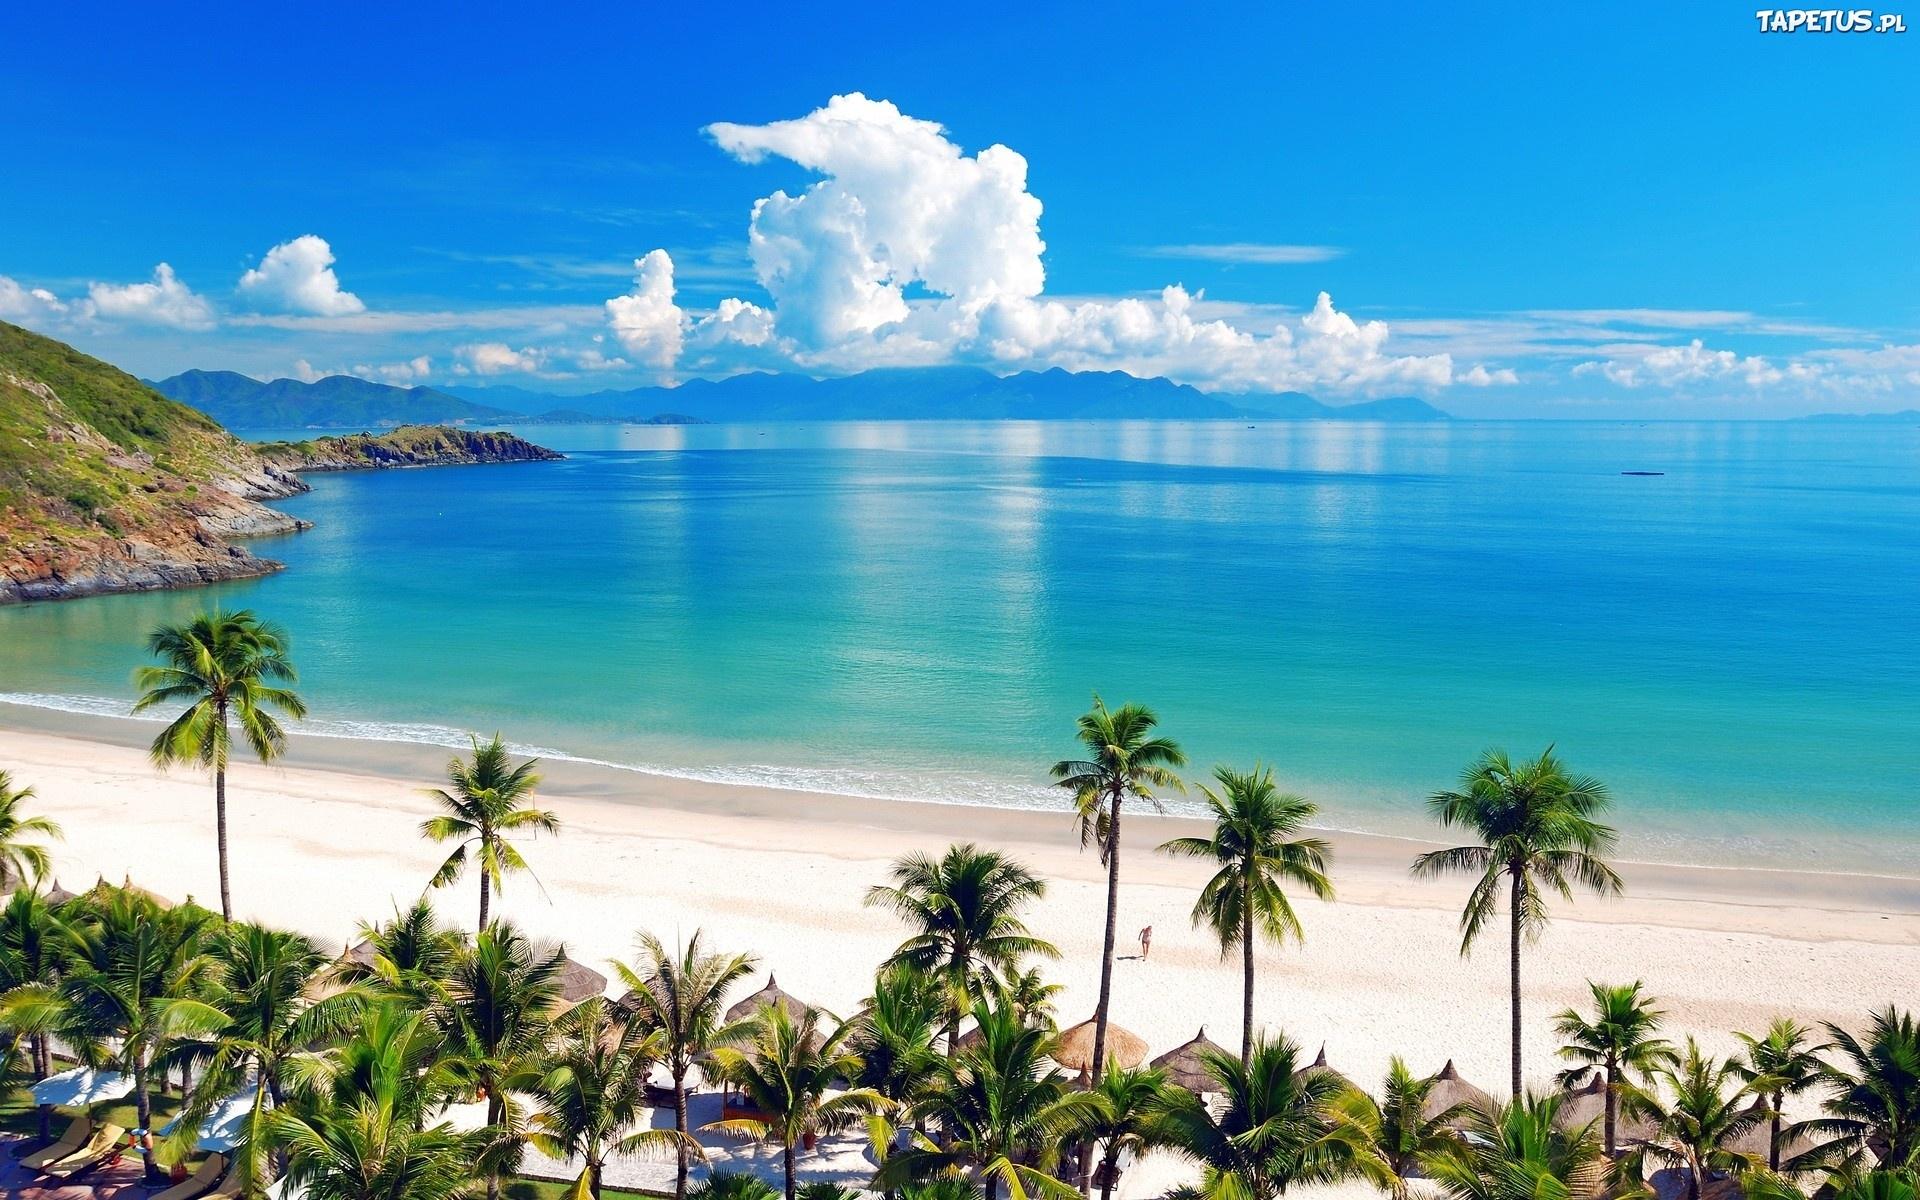 Вьетнам фото красивые 5